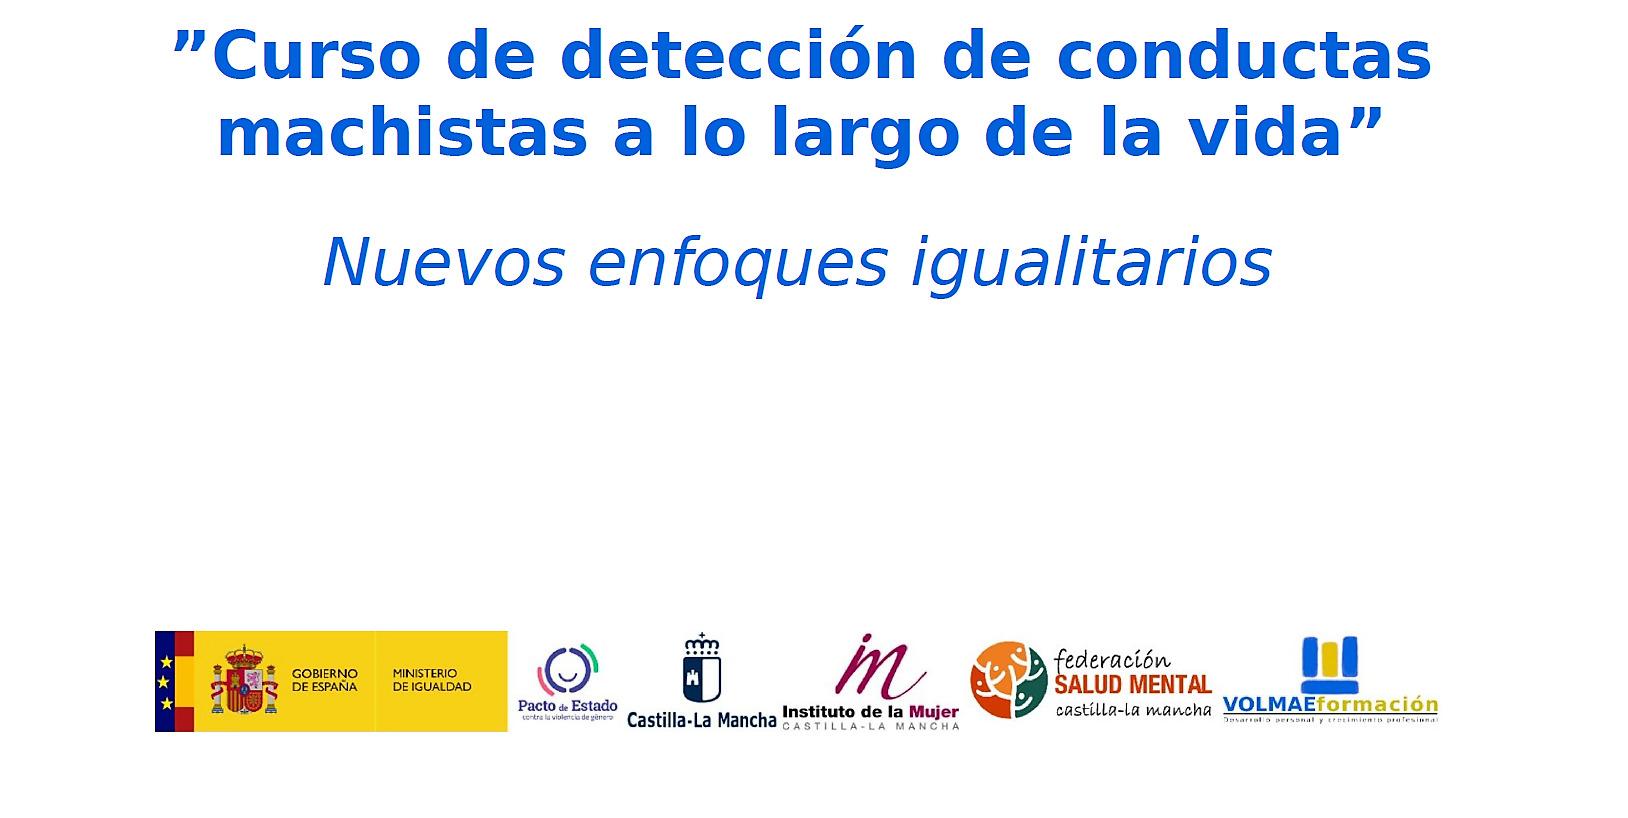 Formación Igualdad Federación Castilla-La Mancha